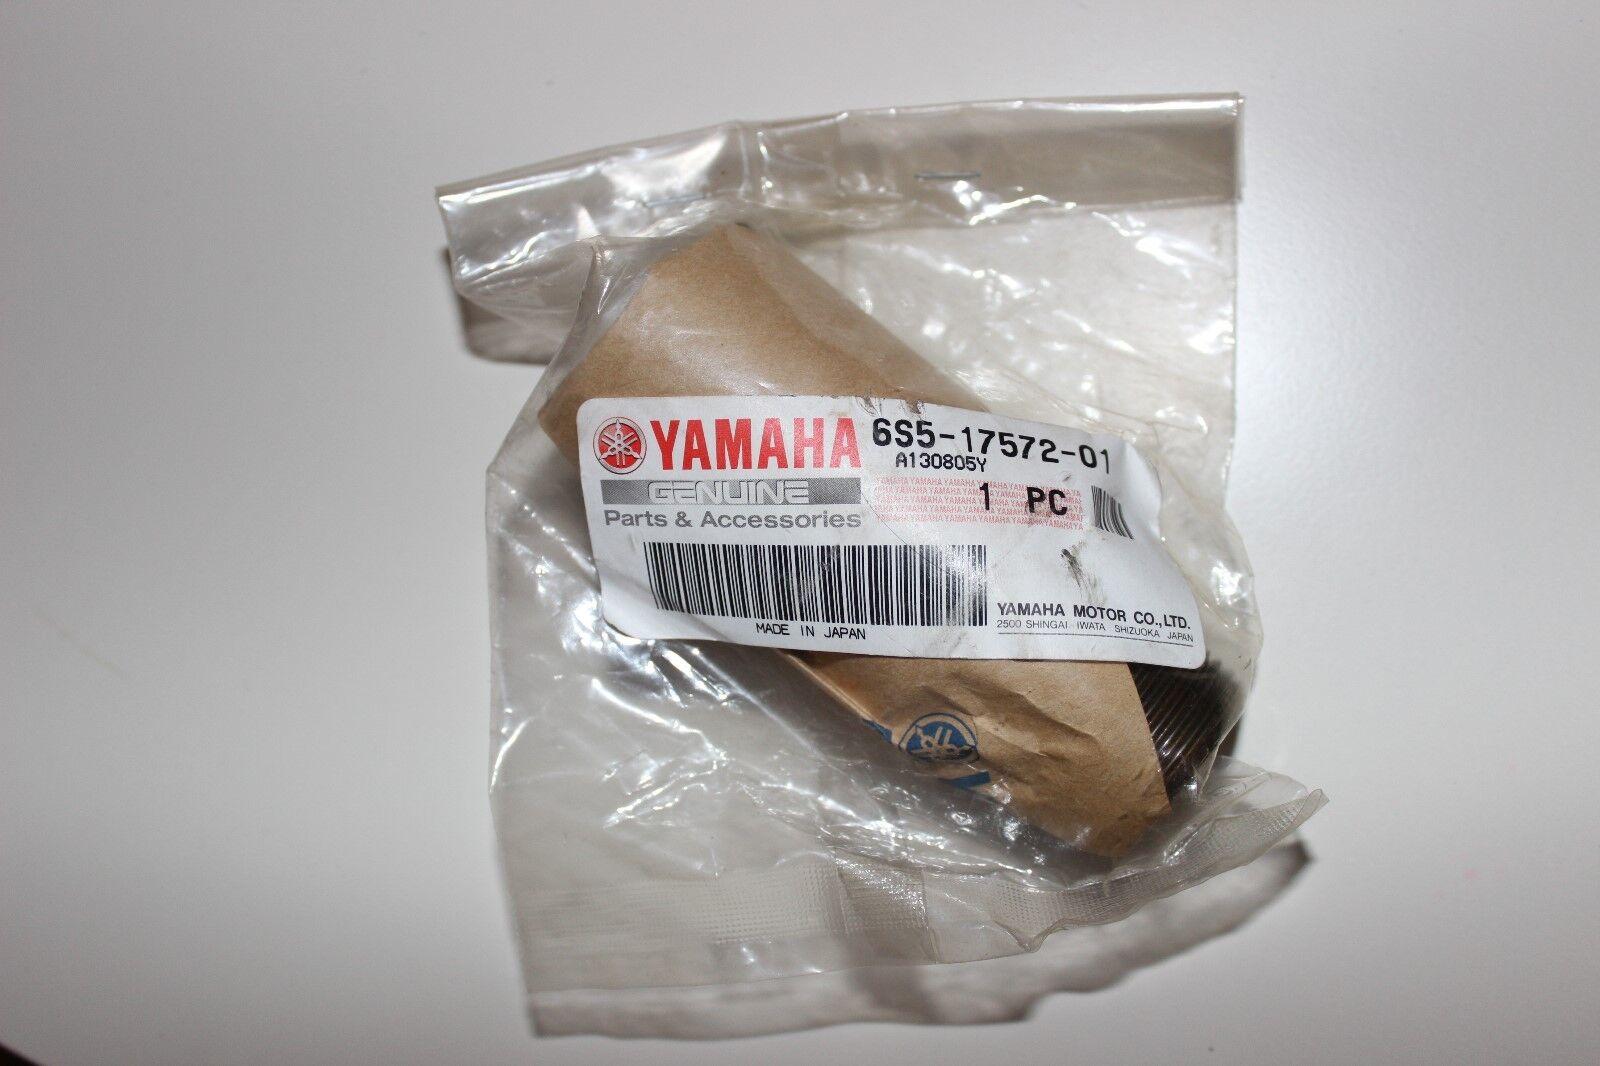 Yamaha Transfer Shaft 6S5-17572-01